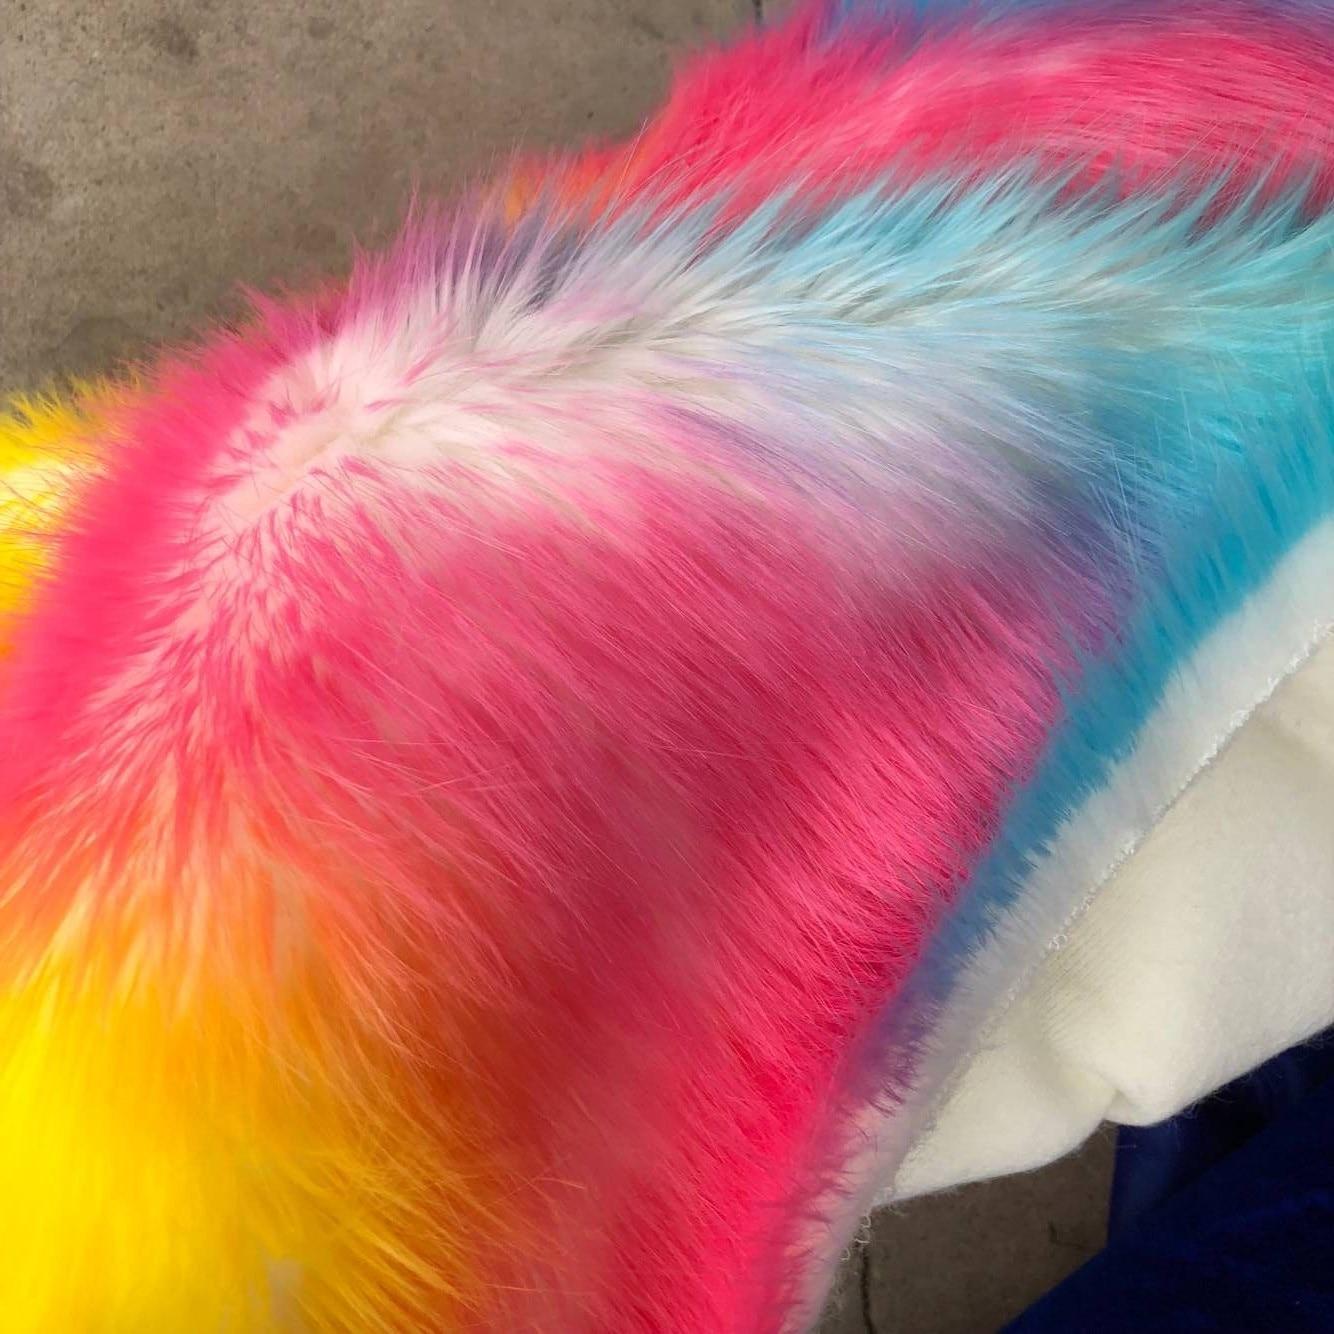 Imitation fourrure de renard de haute qualité, tissu de velours en peluche, matériau de tapis décoratif en tissu de poupée, tissu en fausse fourrure, 160 cm * 45 cm (demi-cour)/pcs